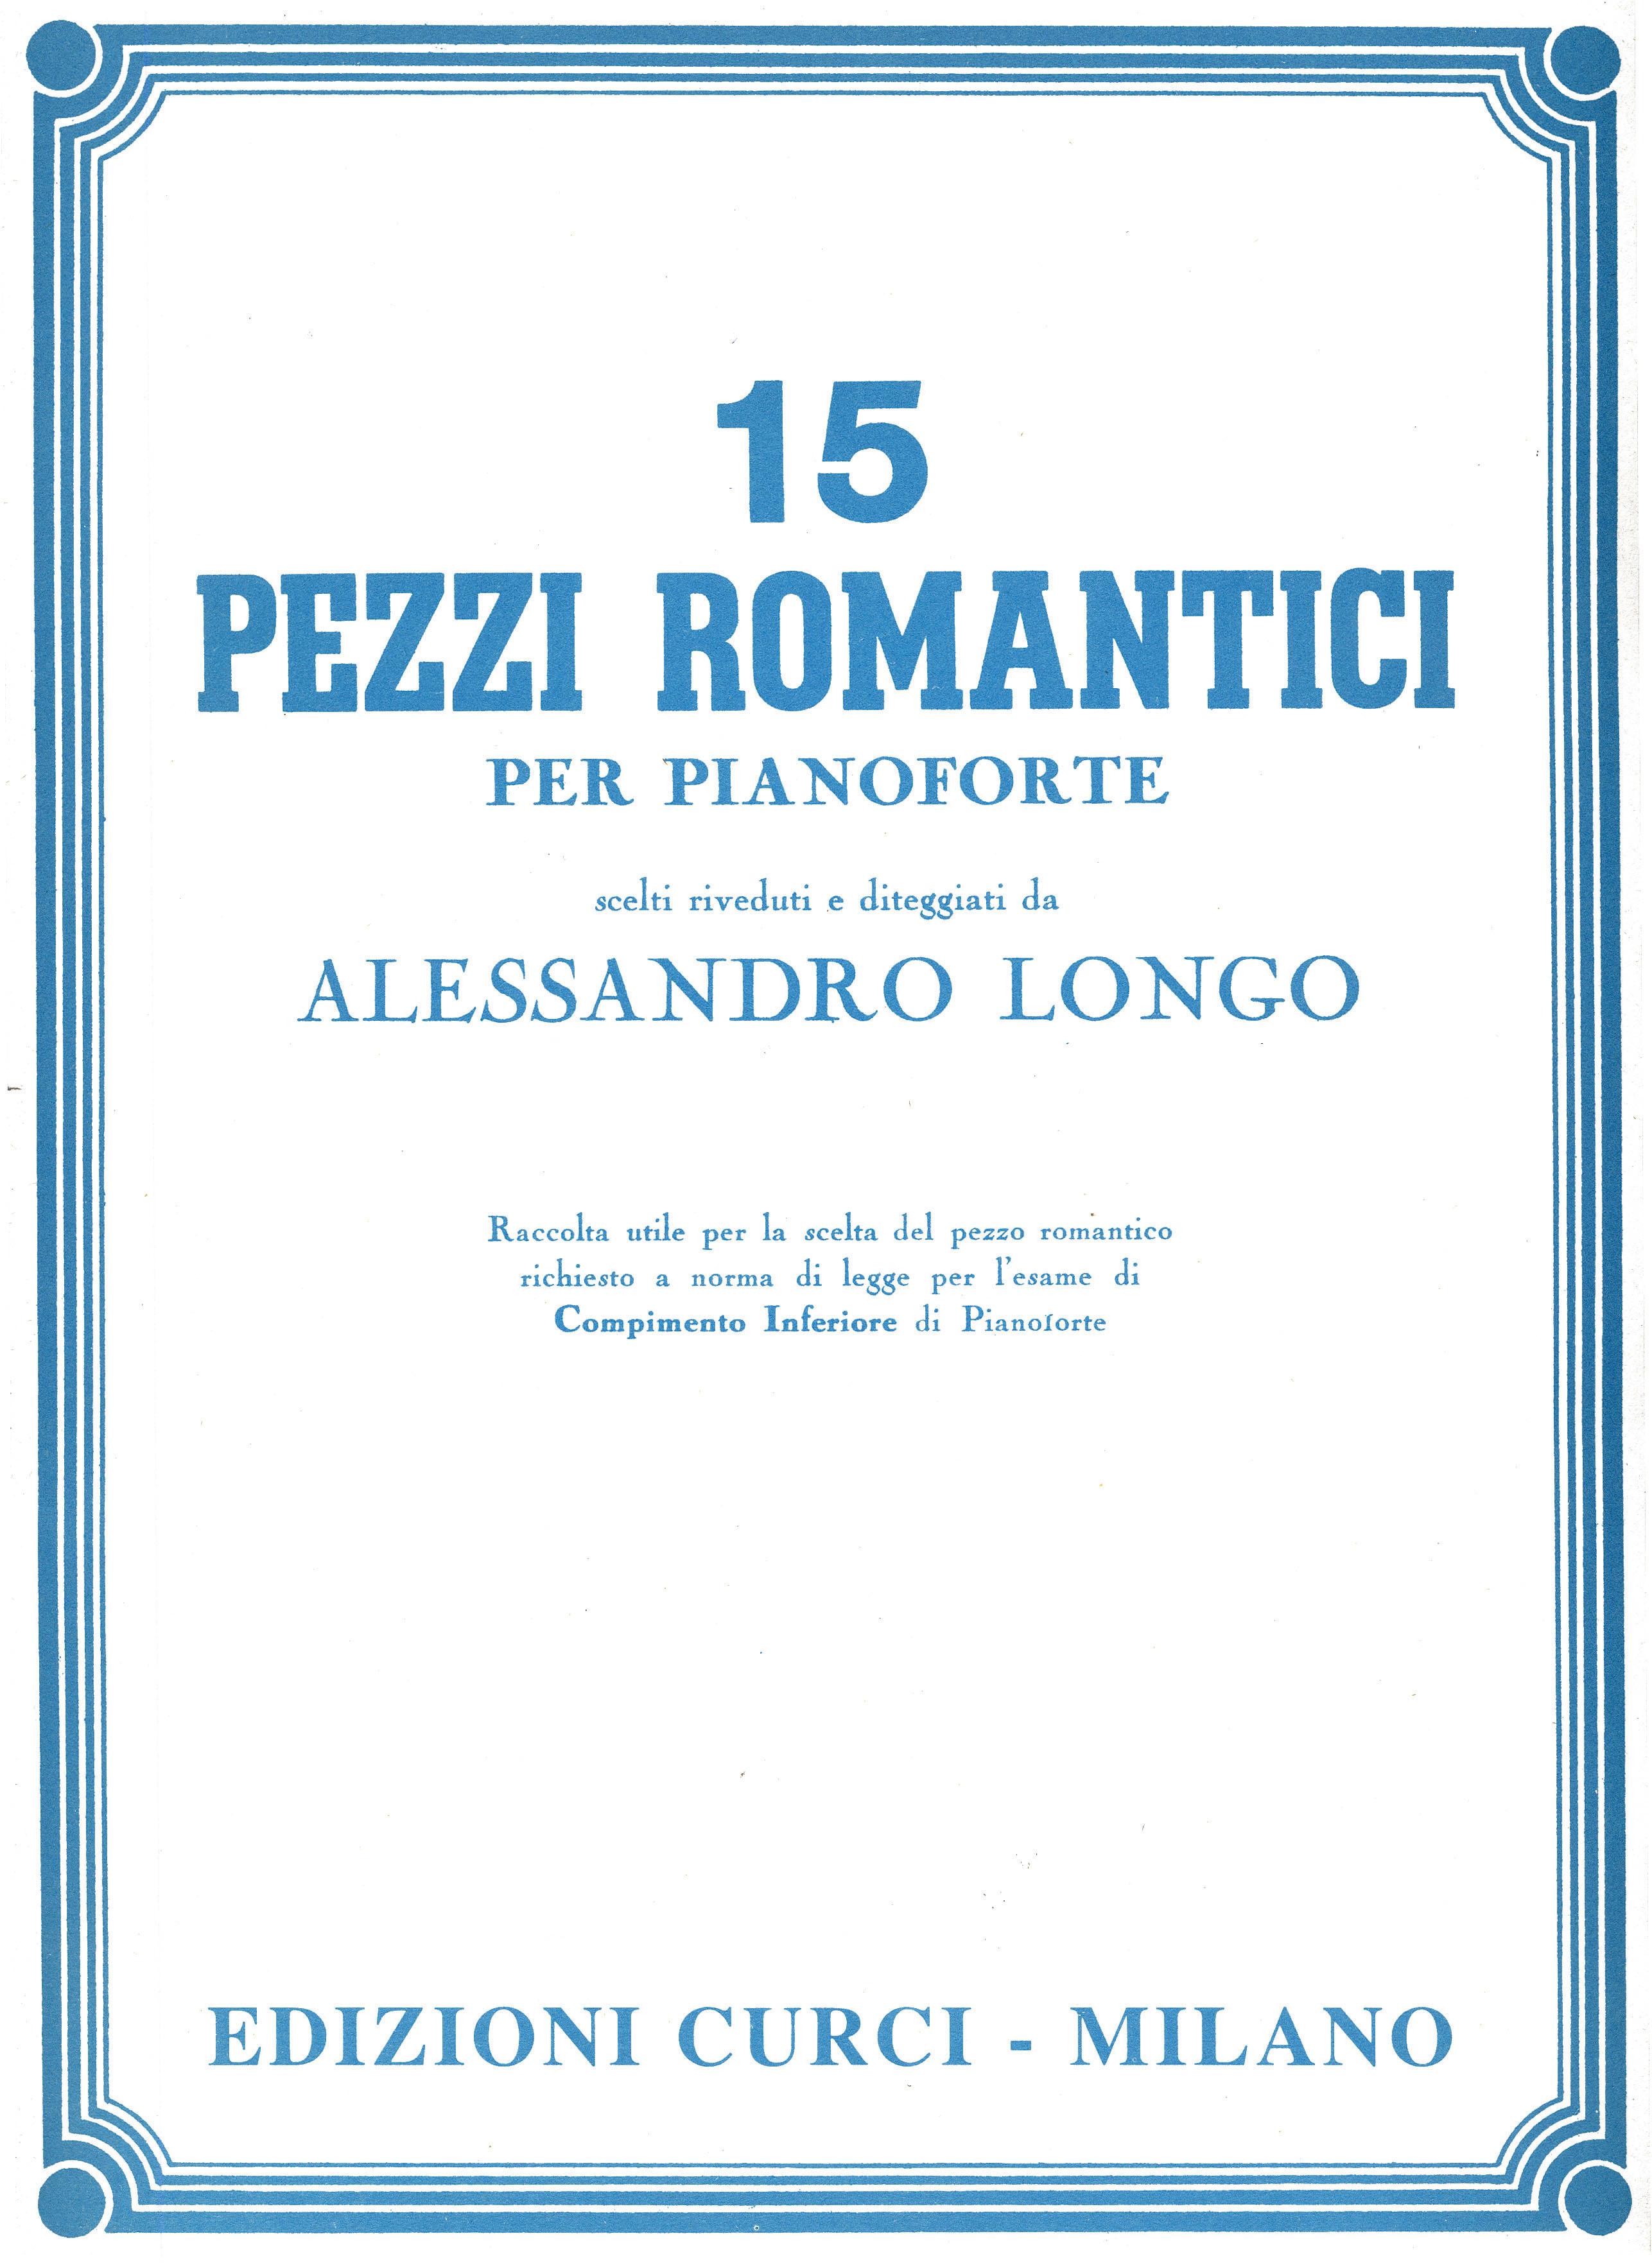 15 pezzi romantici edizioni curci catalogo for Soggiorni romantici per due